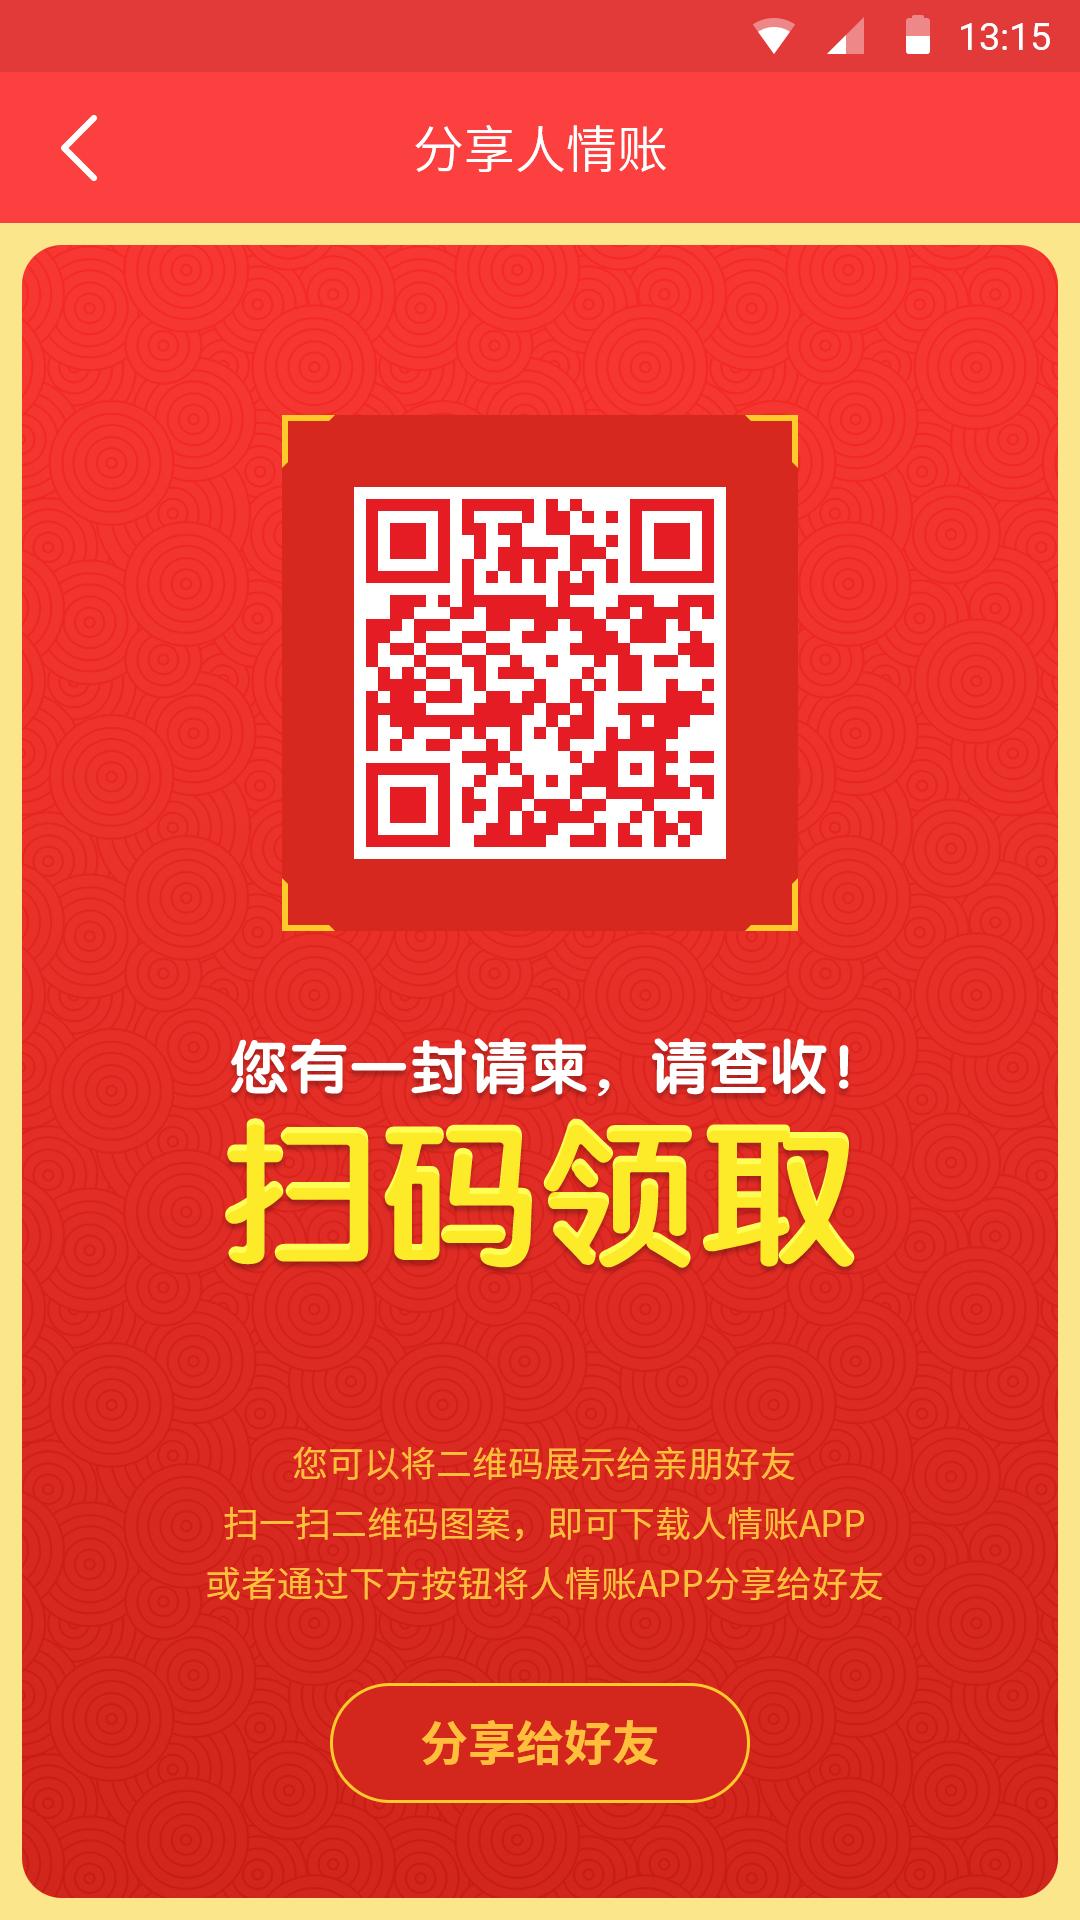 礼小龙人情帐 V3.3.19 安卓版截图1